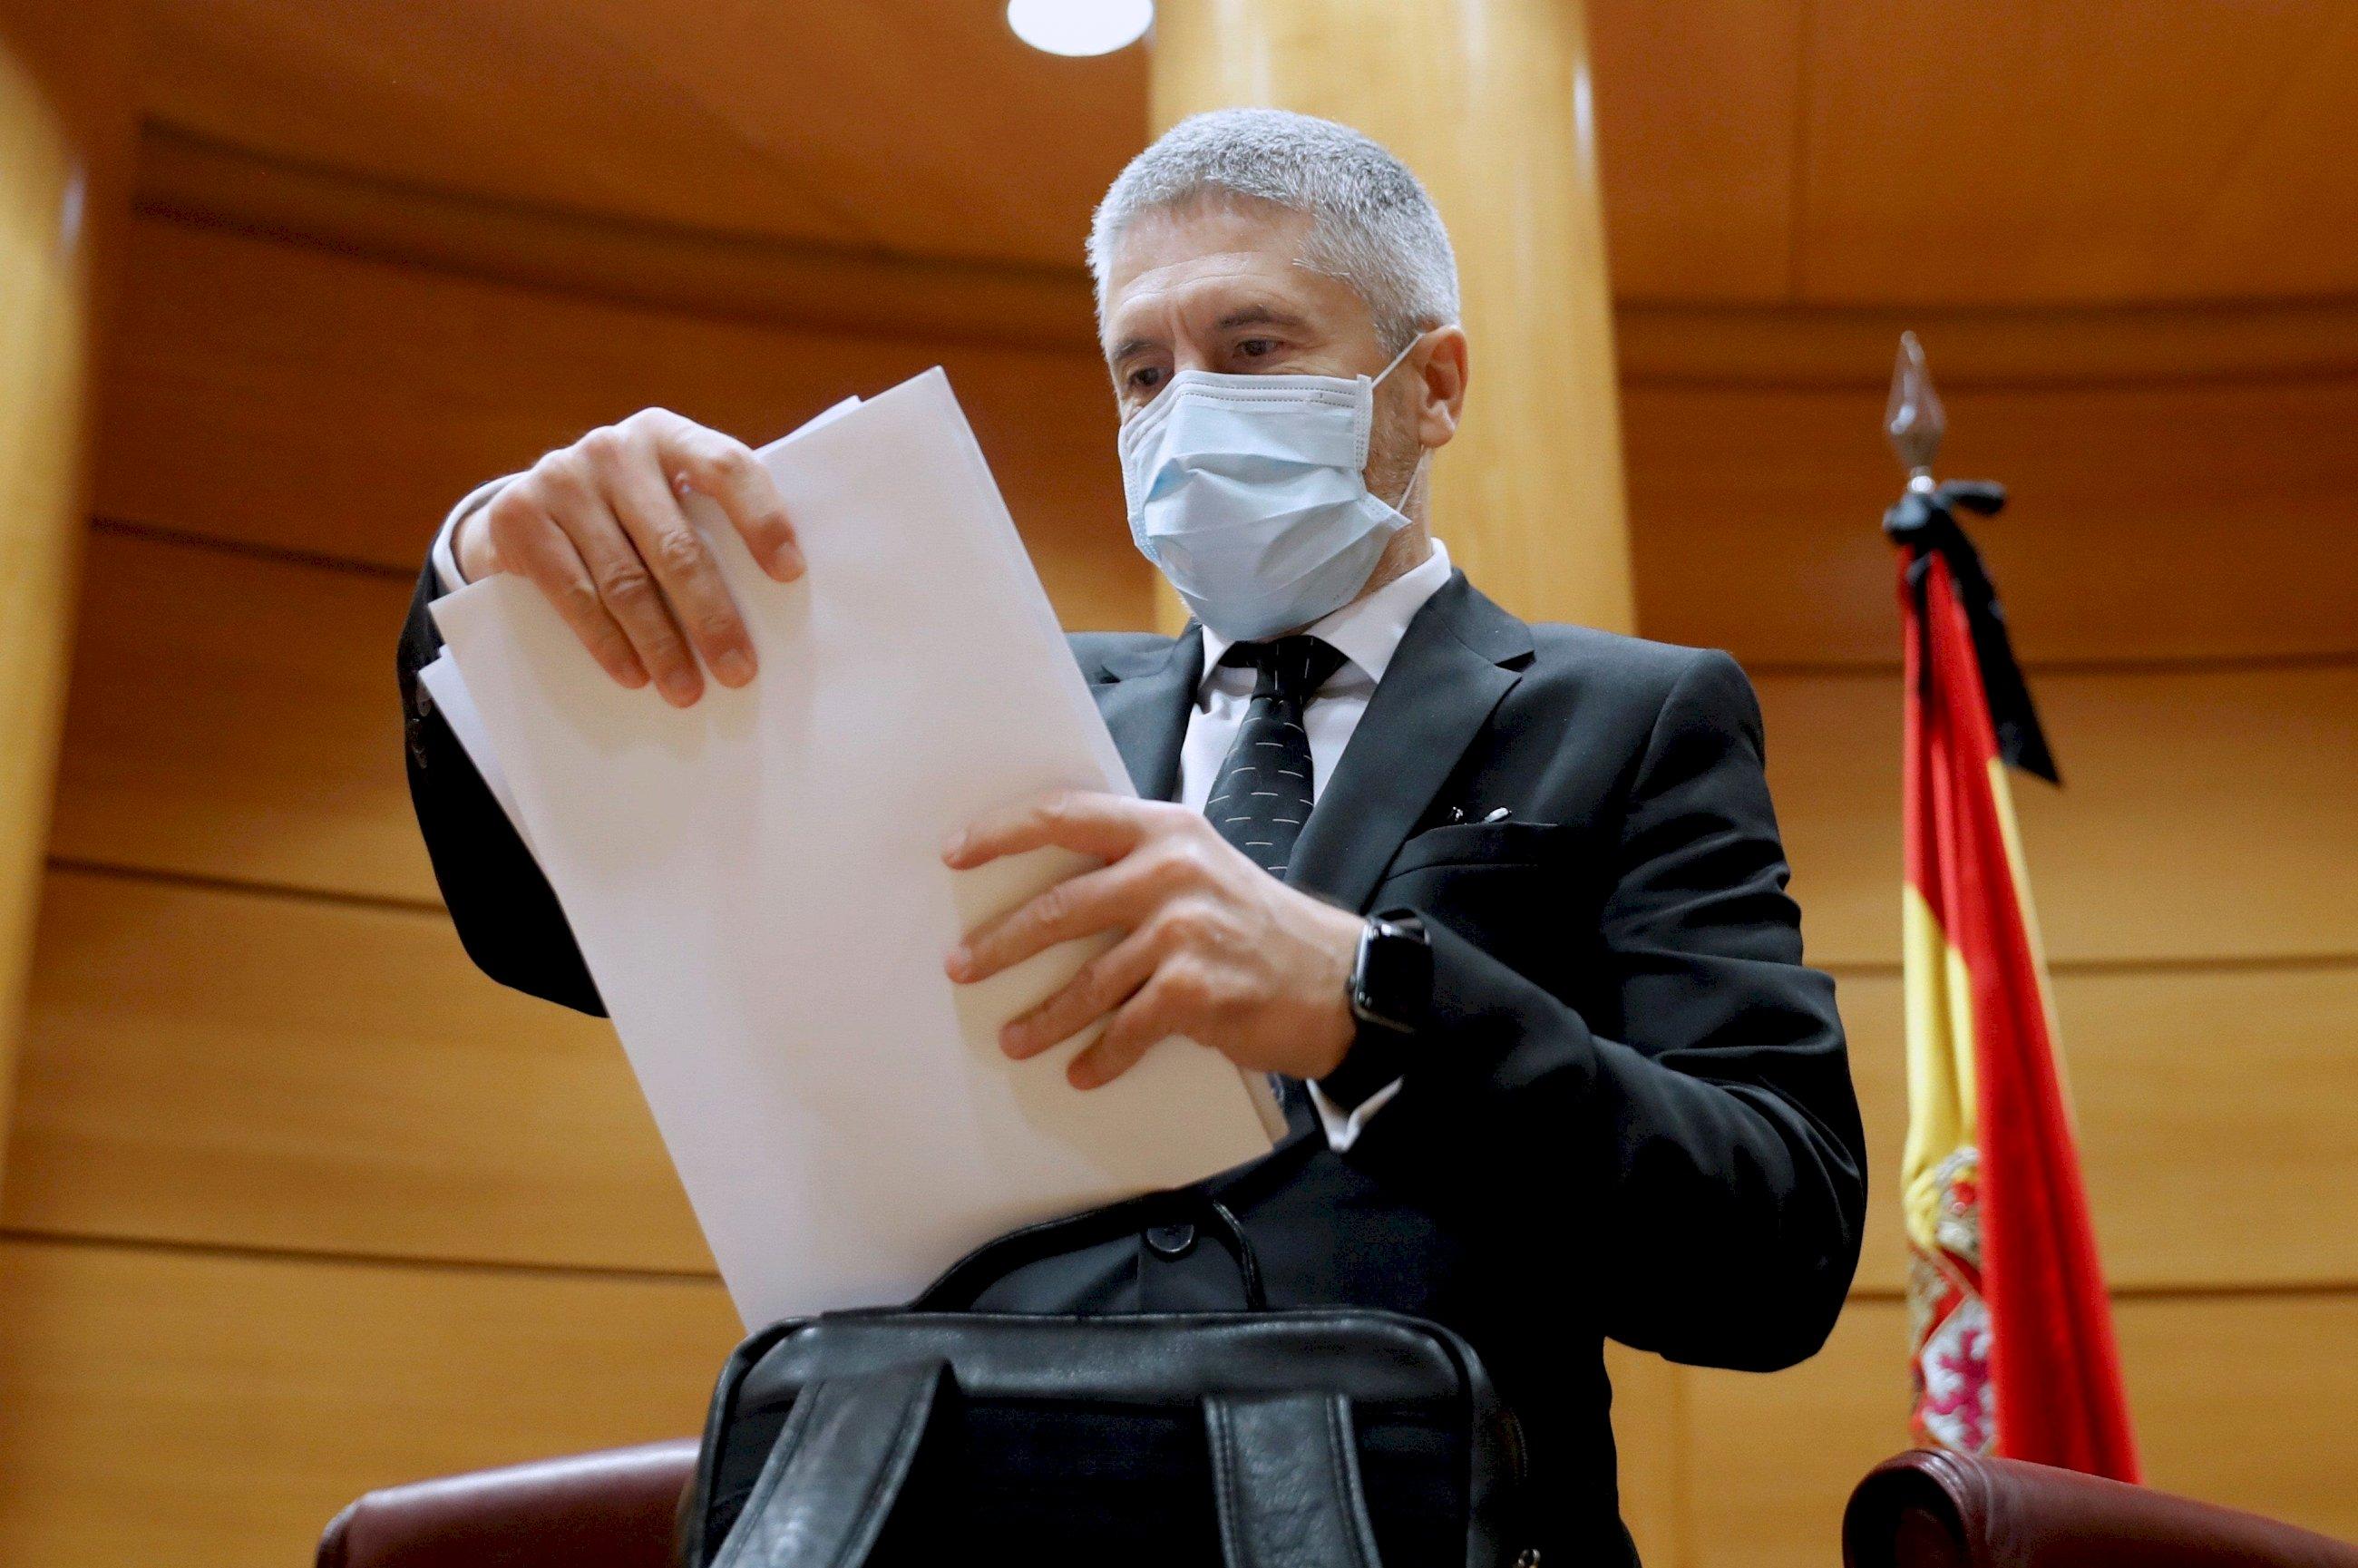 La Fiscalía acusa a Marlaska de saltarse la ley para devolver a los menores marroquíes